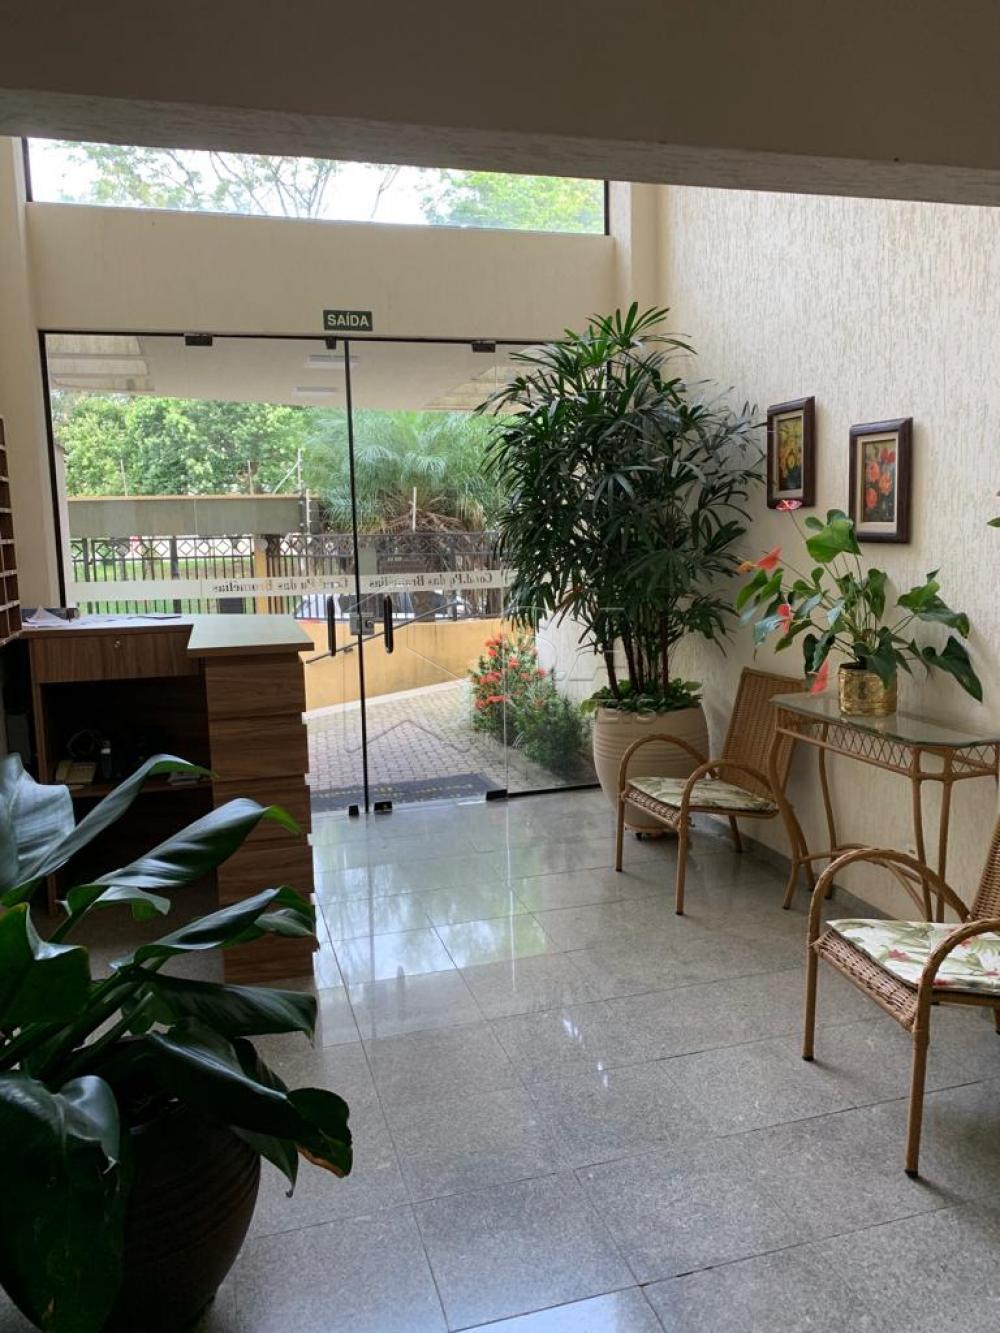 Comprar Apartamento / Padrão em São Carlos apenas R$ 300.000,00 - Foto 10